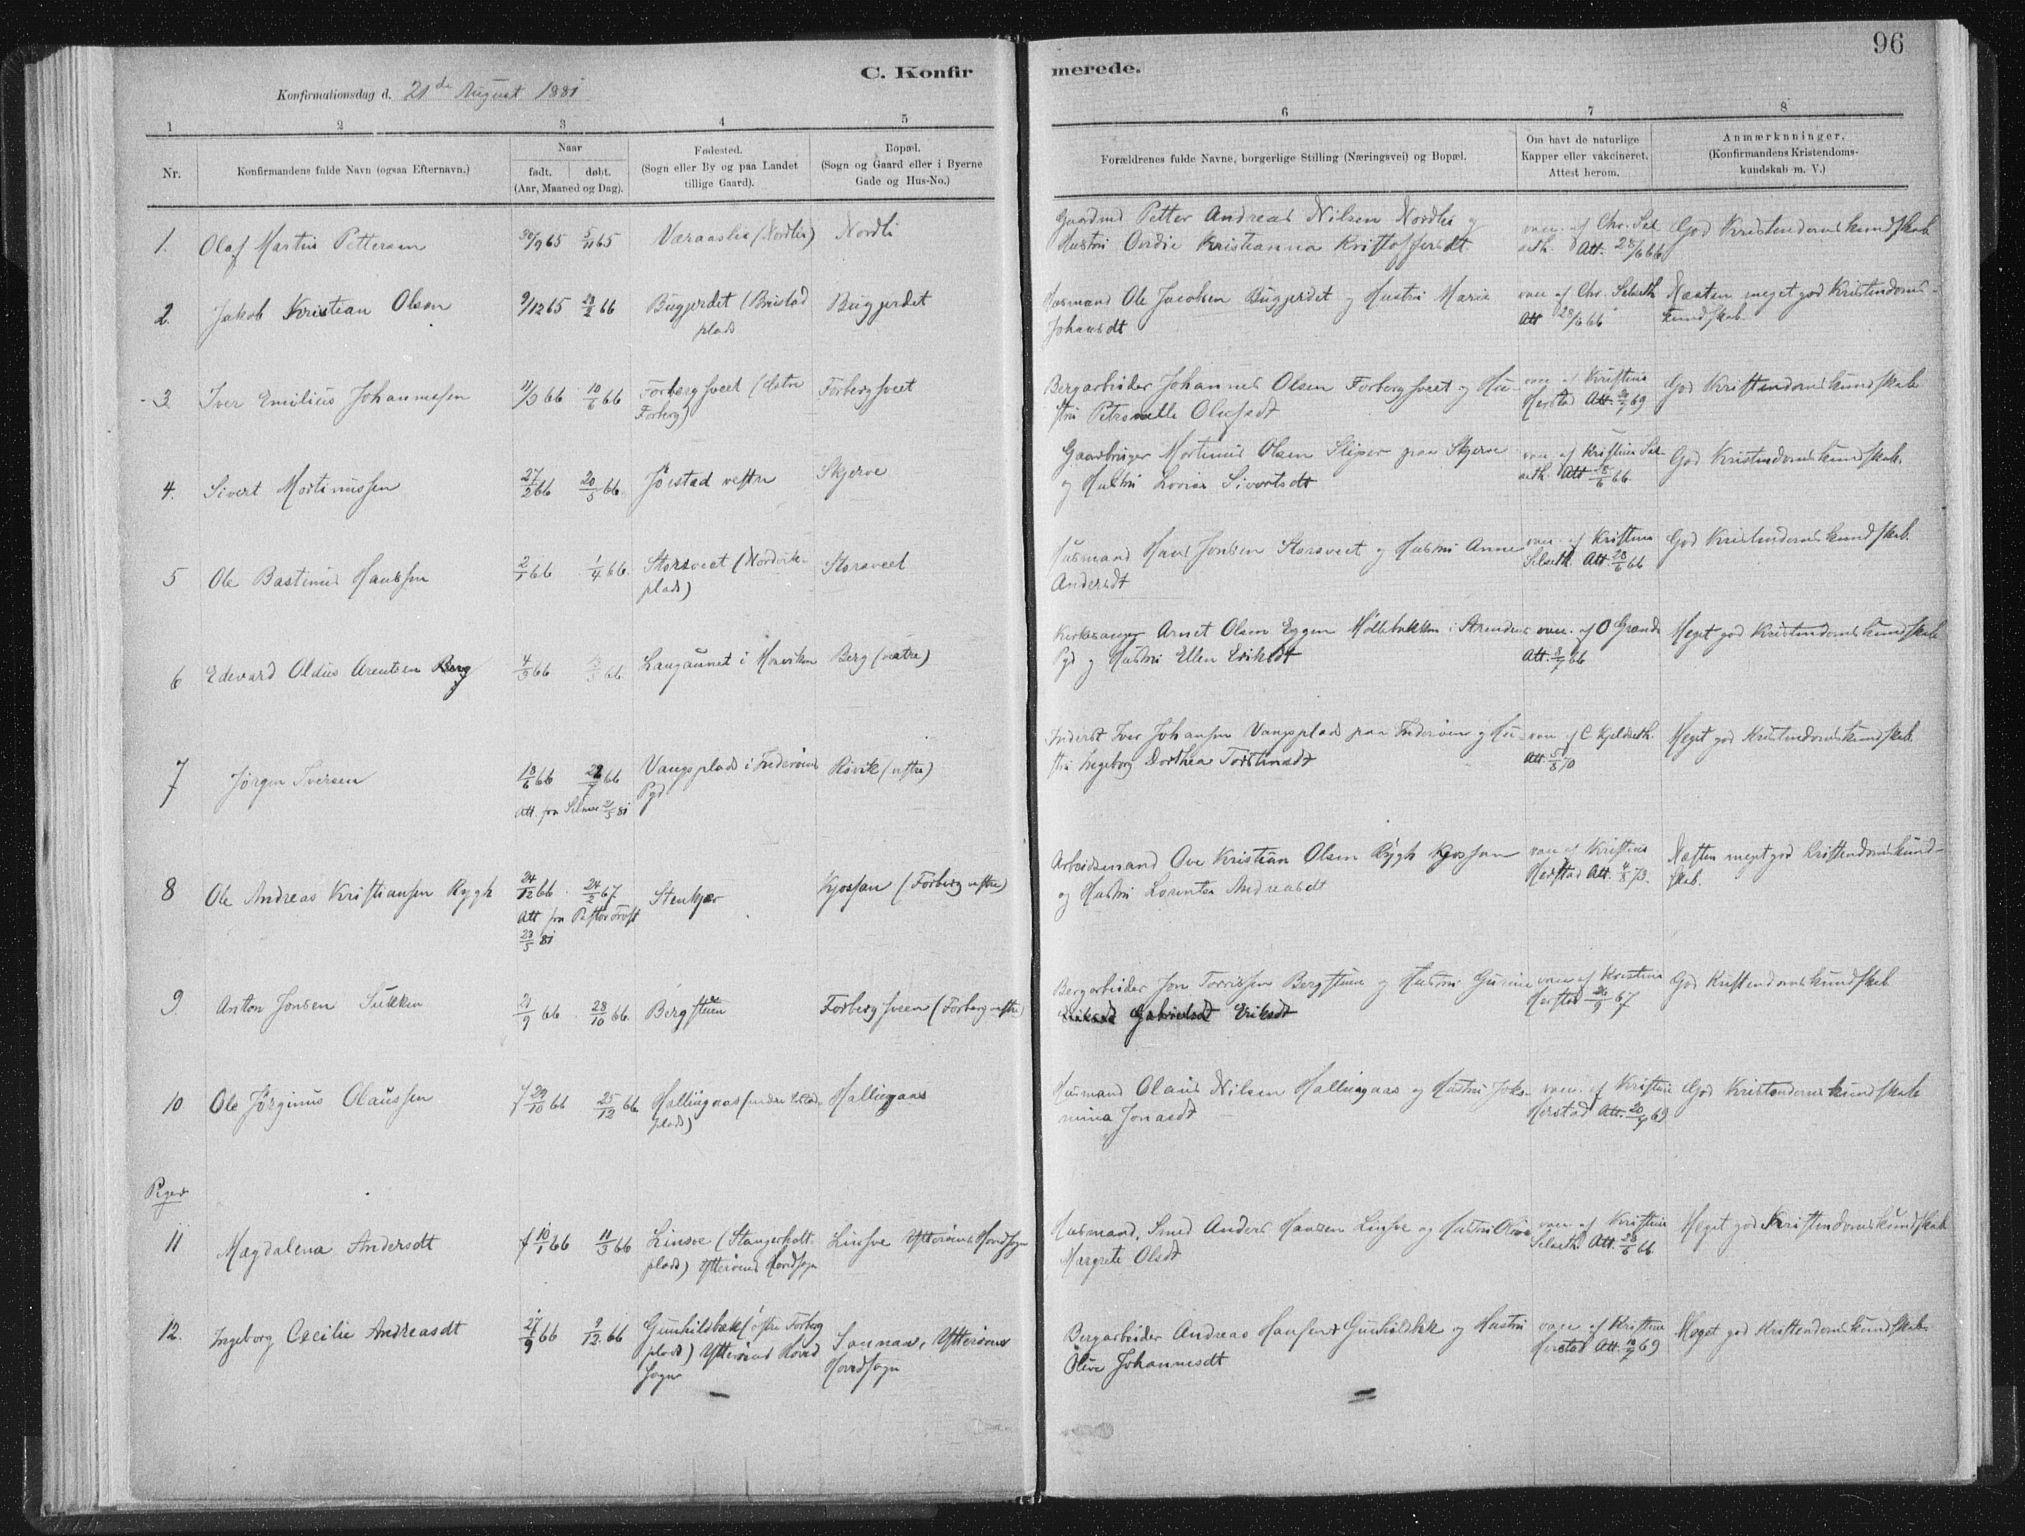 SAT, Ministerialprotokoller, klokkerbøker og fødselsregistre - Nord-Trøndelag, 722/L0220: Ministerialbok nr. 722A07, 1881-1908, s. 96